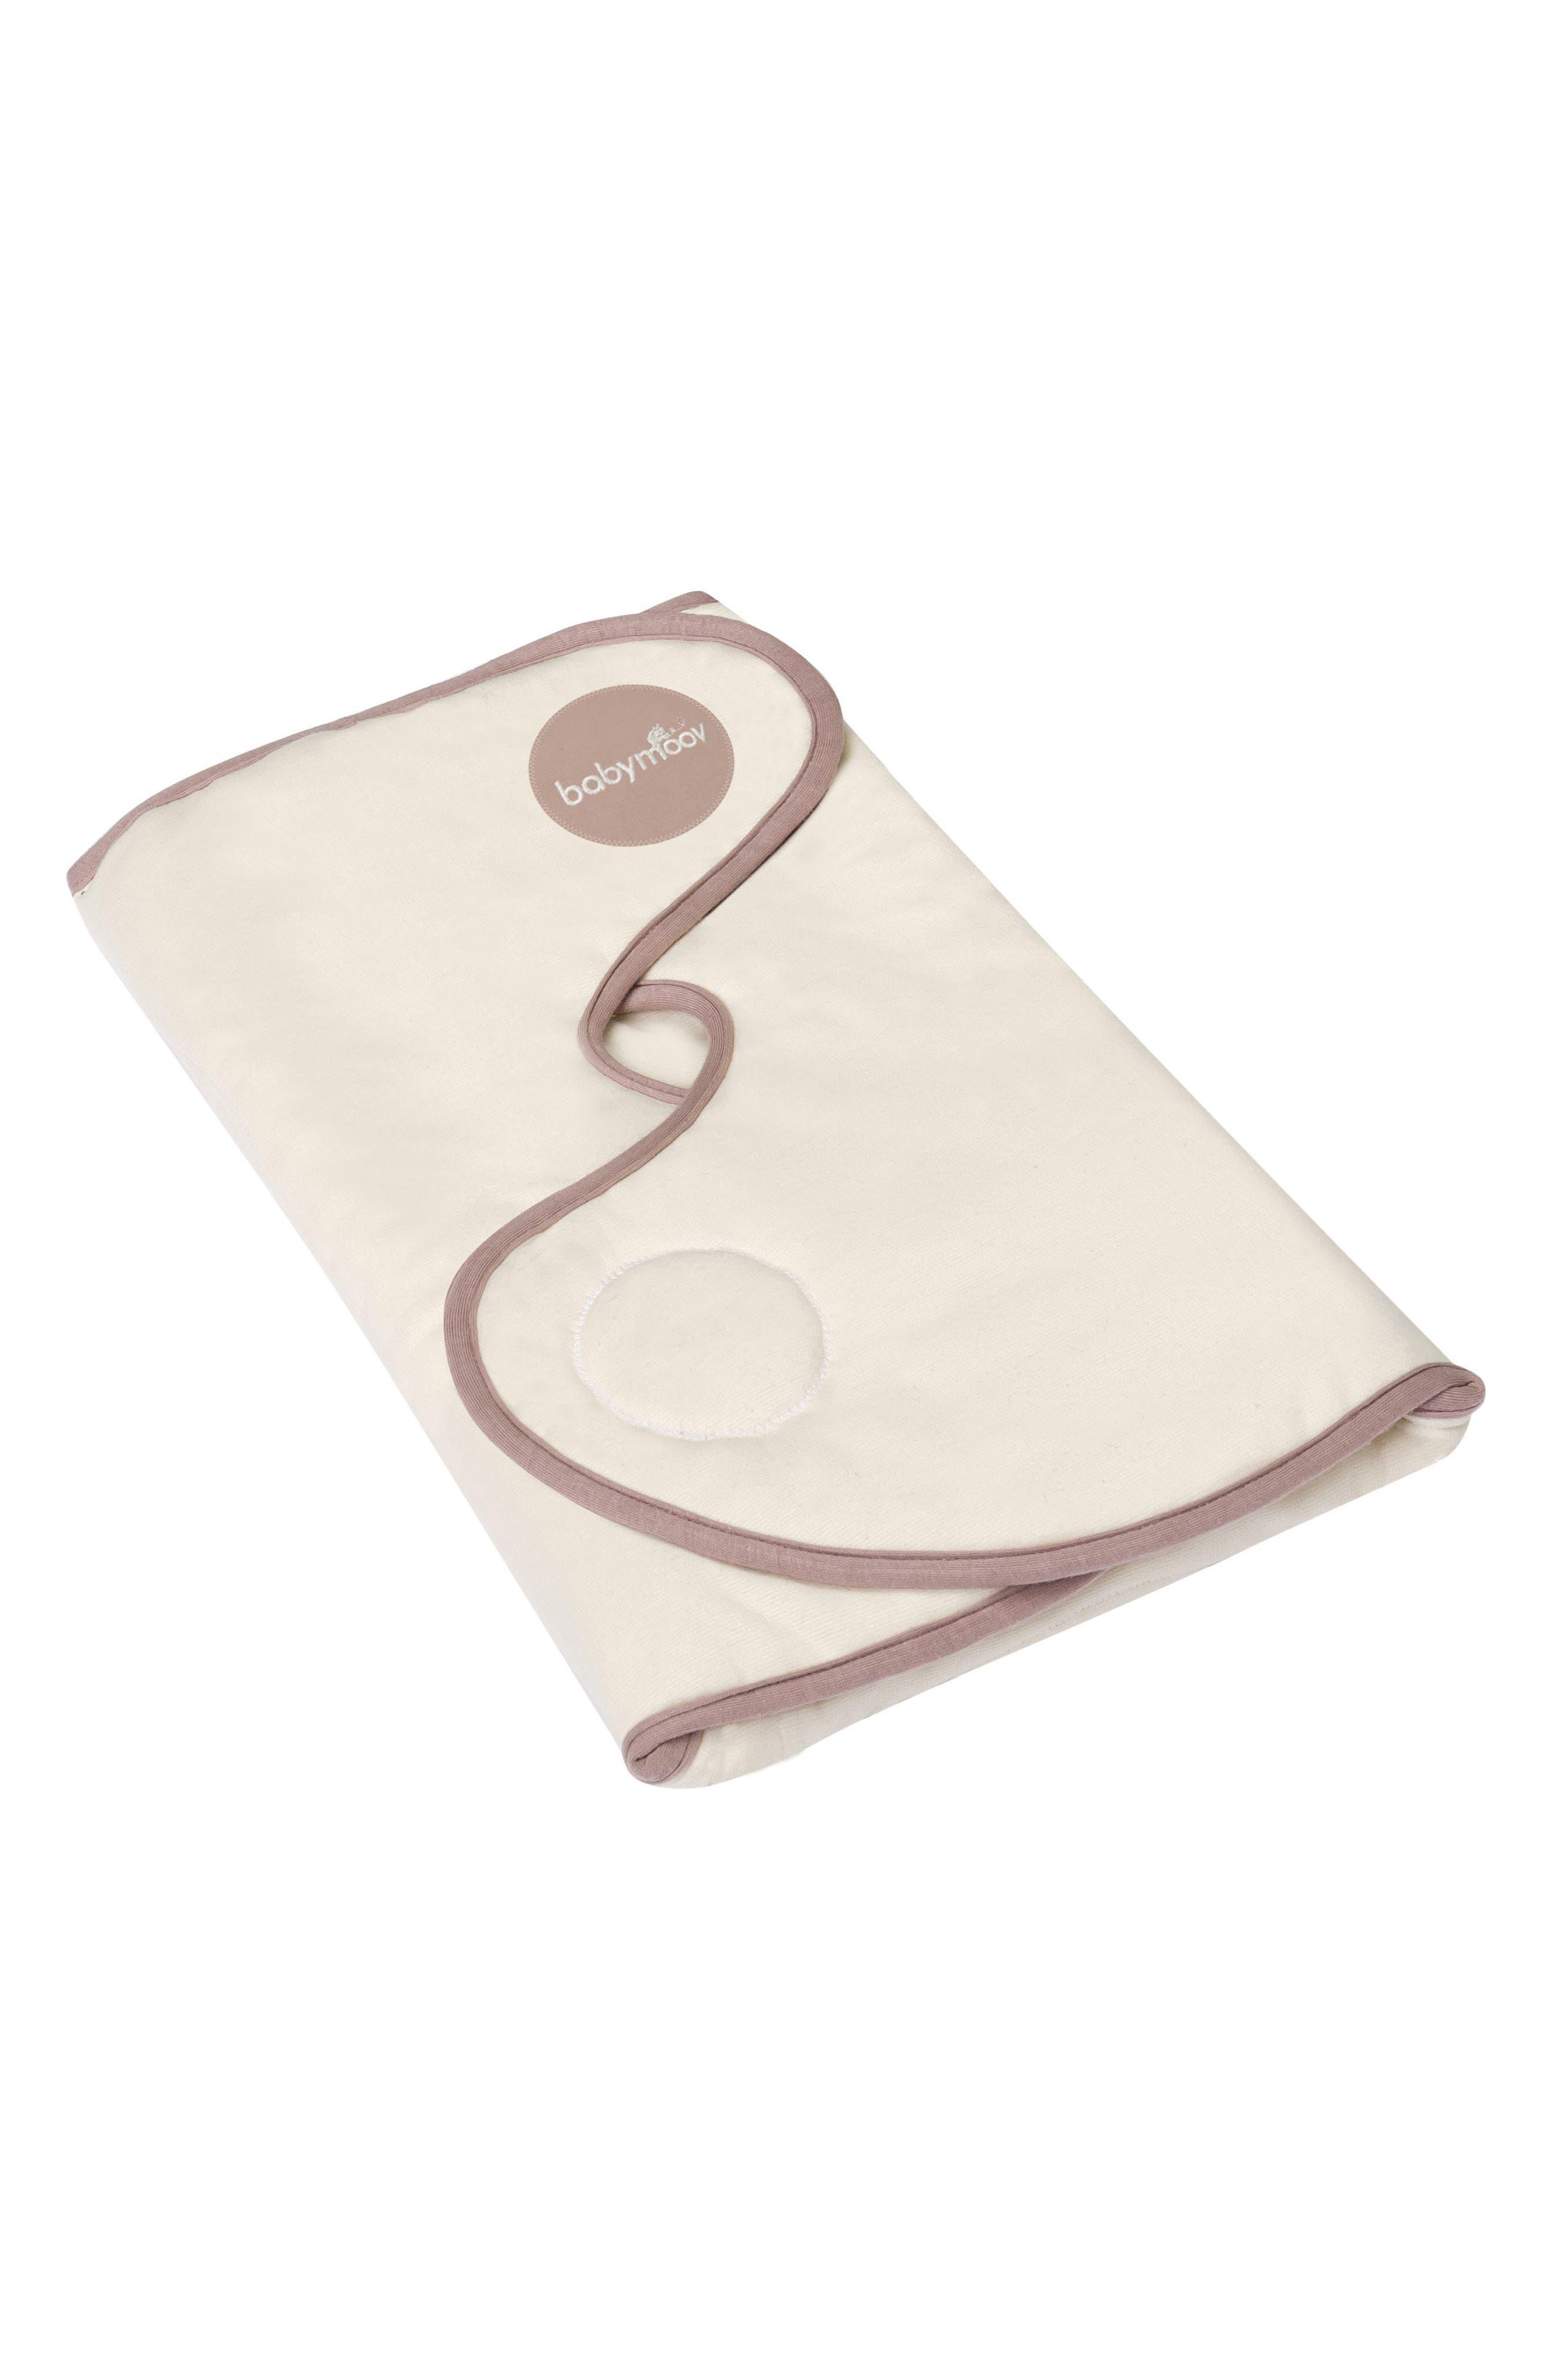 Alternate Image 1 Selected - Babymoov CozyCover Swaddle Wrap Blanket